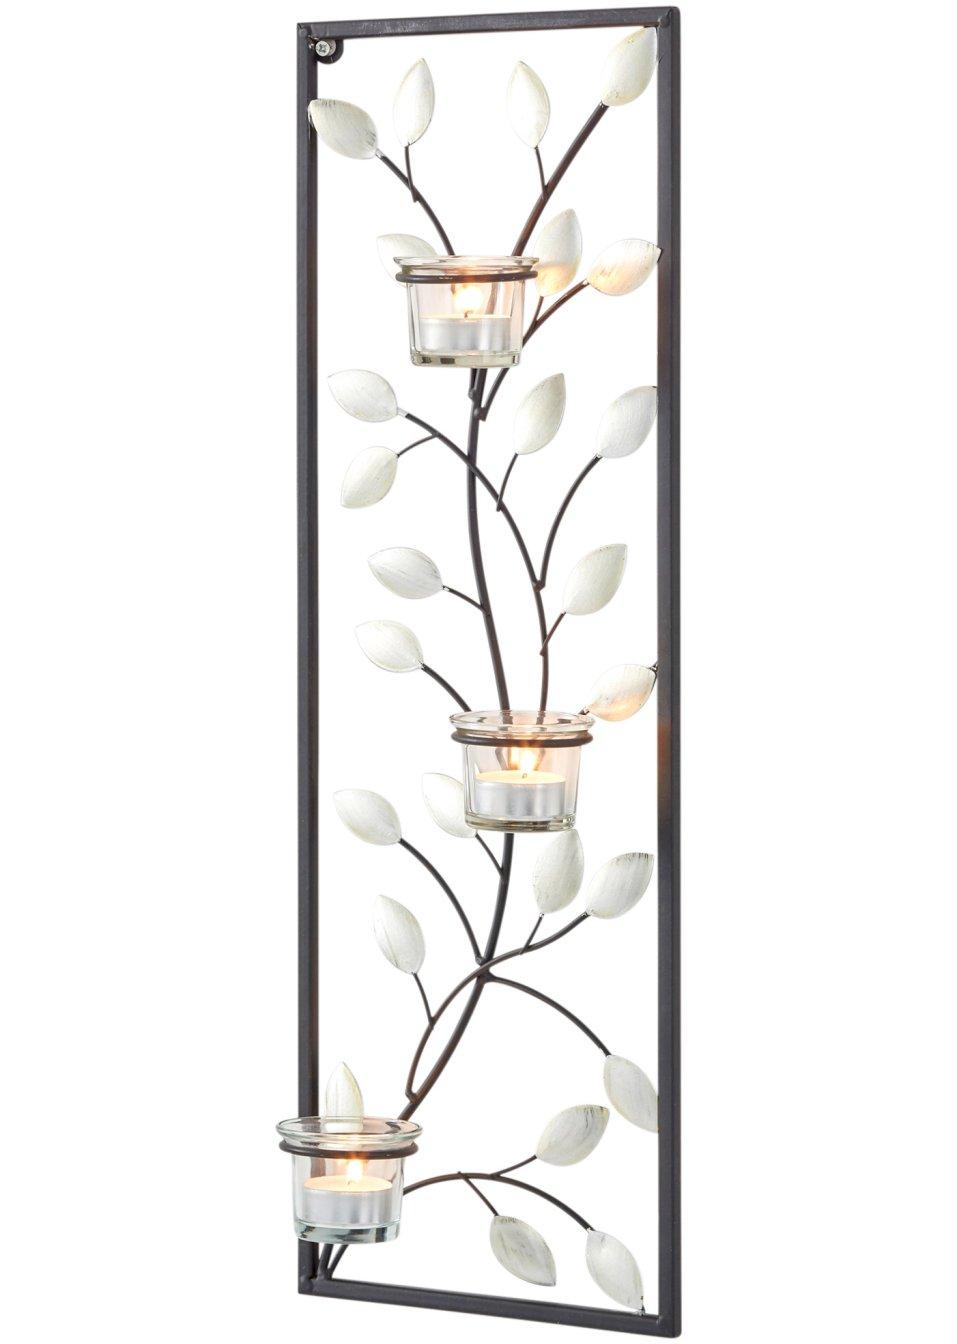 F r stilvolle wanddekorationen der wandkerzenhalter lilly schwarz transparent - Wandkerzenhalter schwarz ...